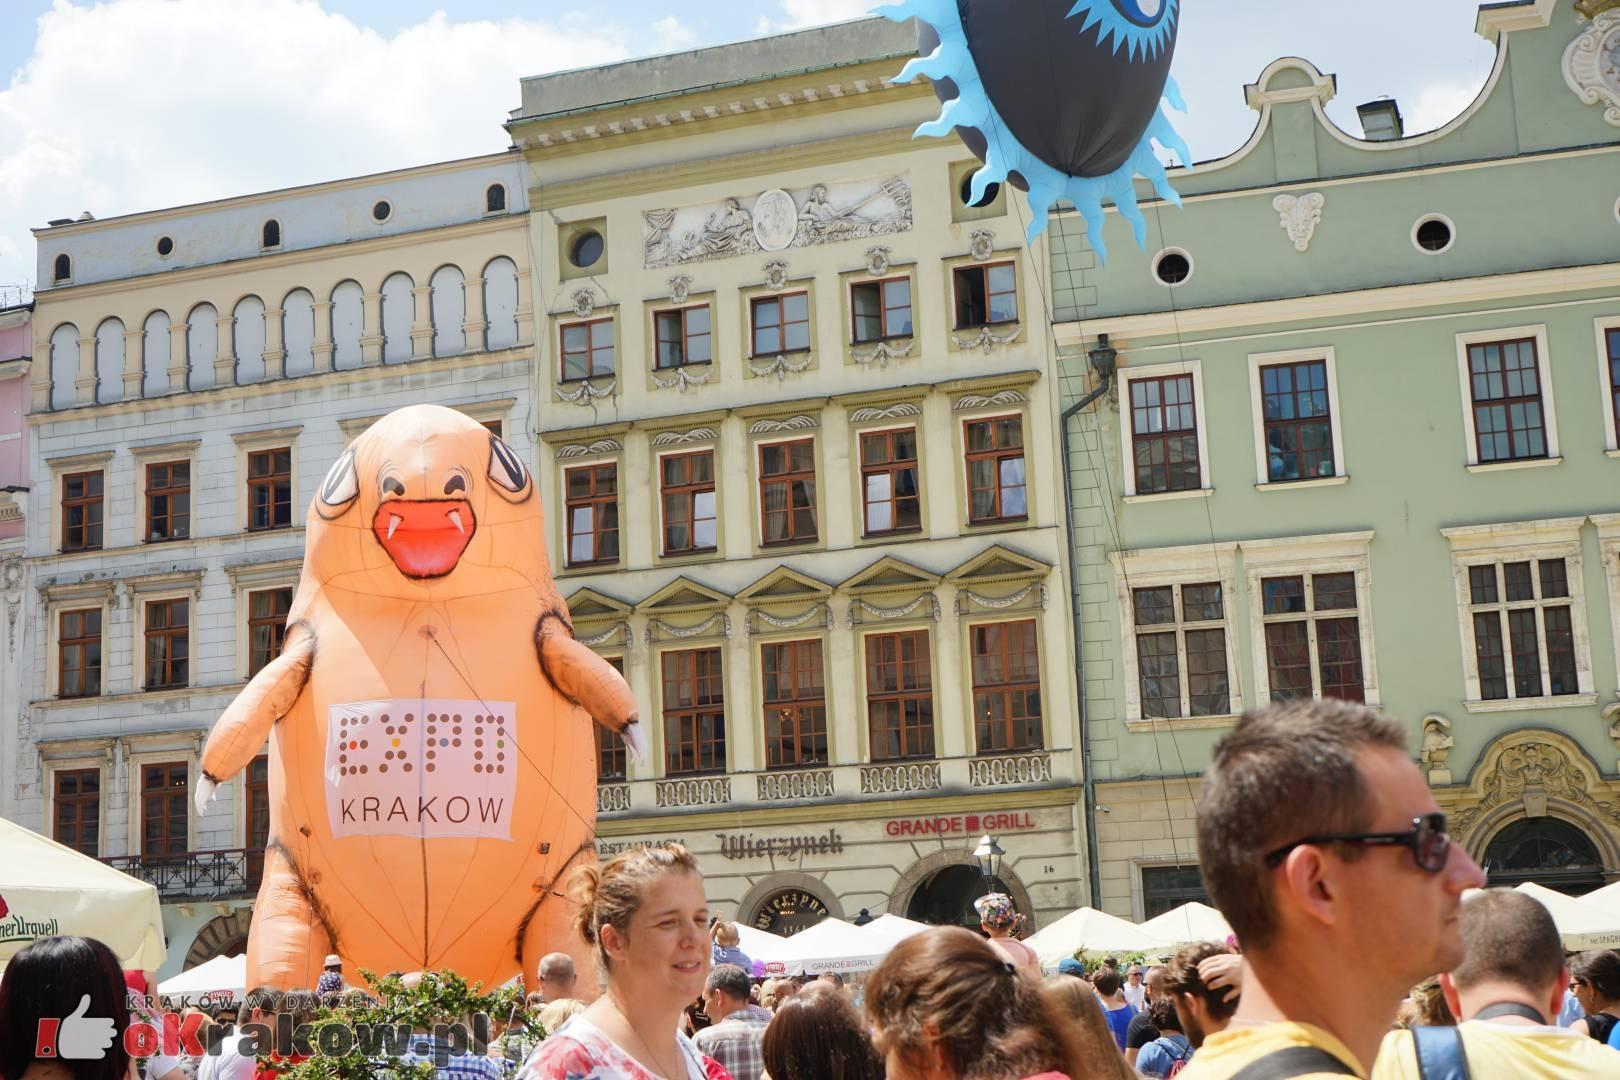 wielka parada smokow przeszla przez krakow w 40 smokow do okola swiata 2019 4 150x150 - Parada Smoków przeszła przez Kraków. Obszerna galeria zdjęć - 2 czerwca 2019 w Krakowie